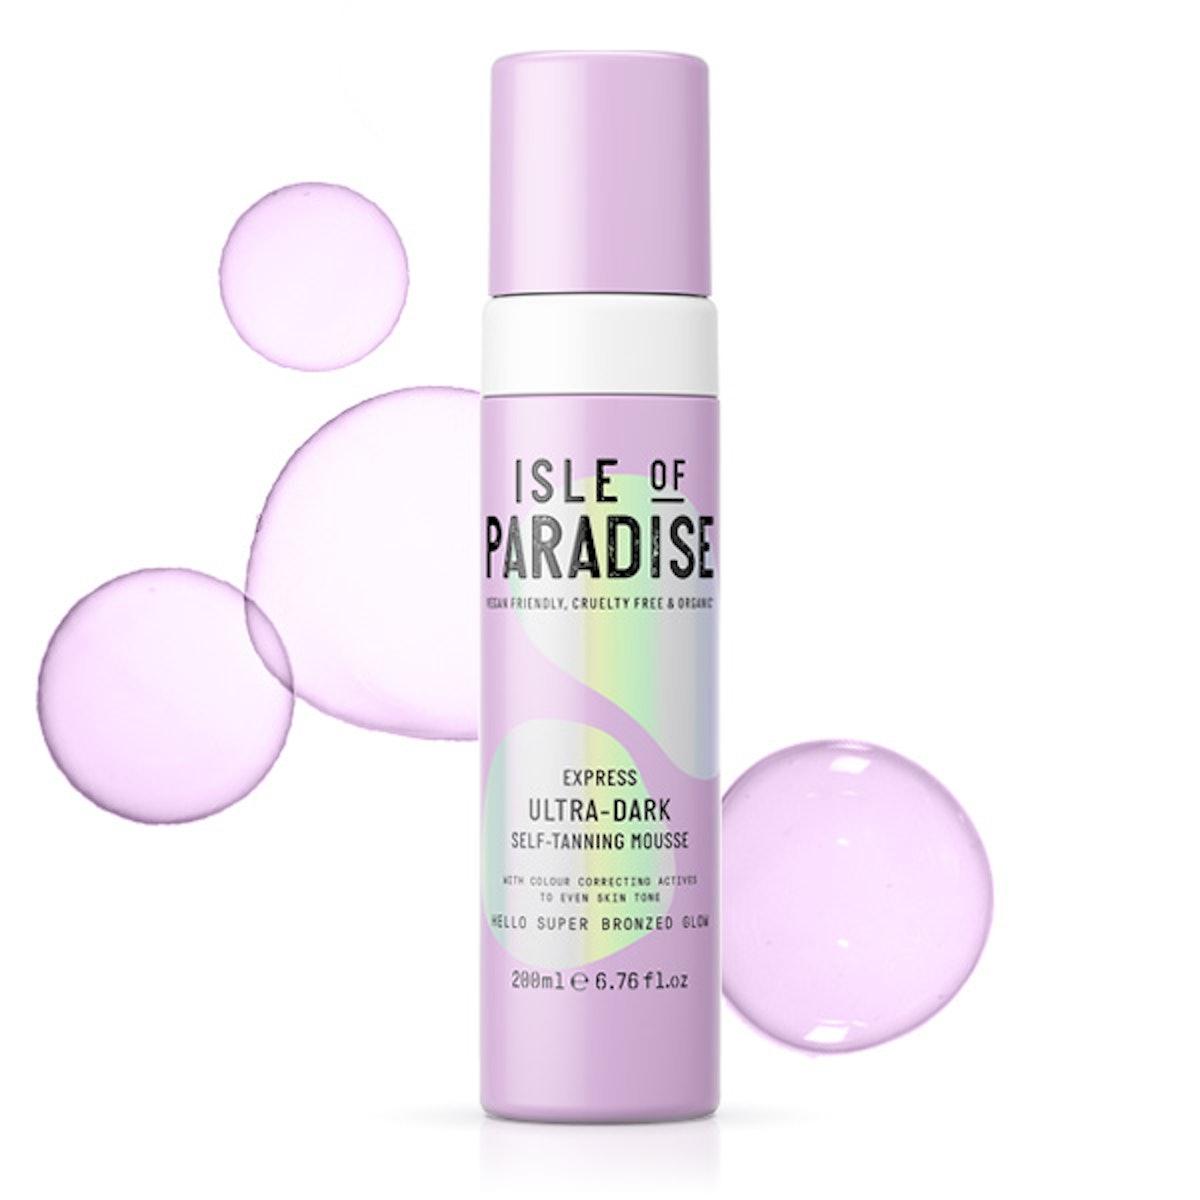 Isle of Paradise Ultra-Dark Mousse